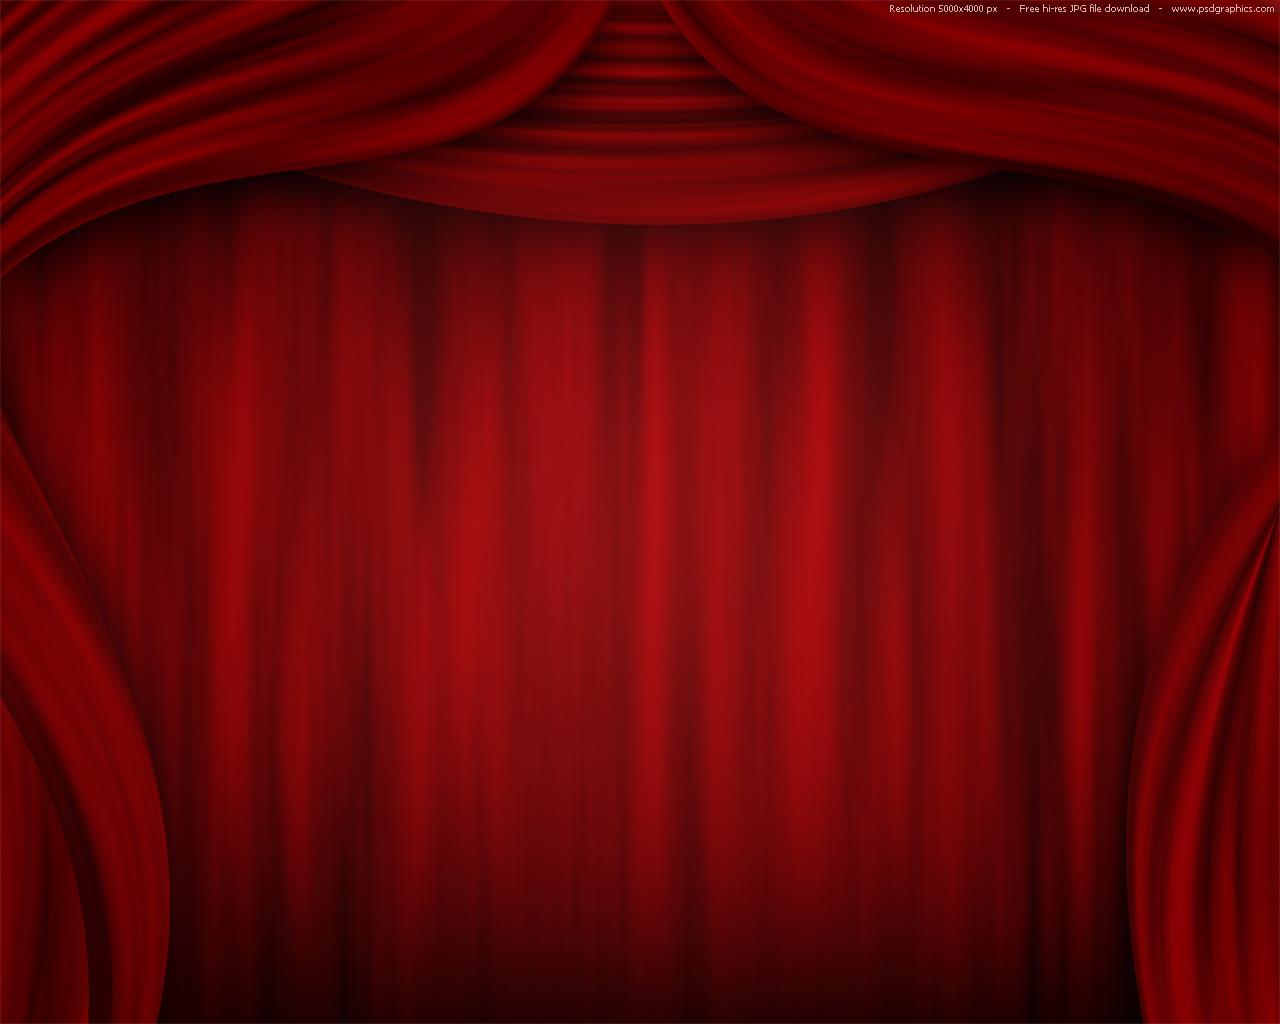 Christmas Light Curtain